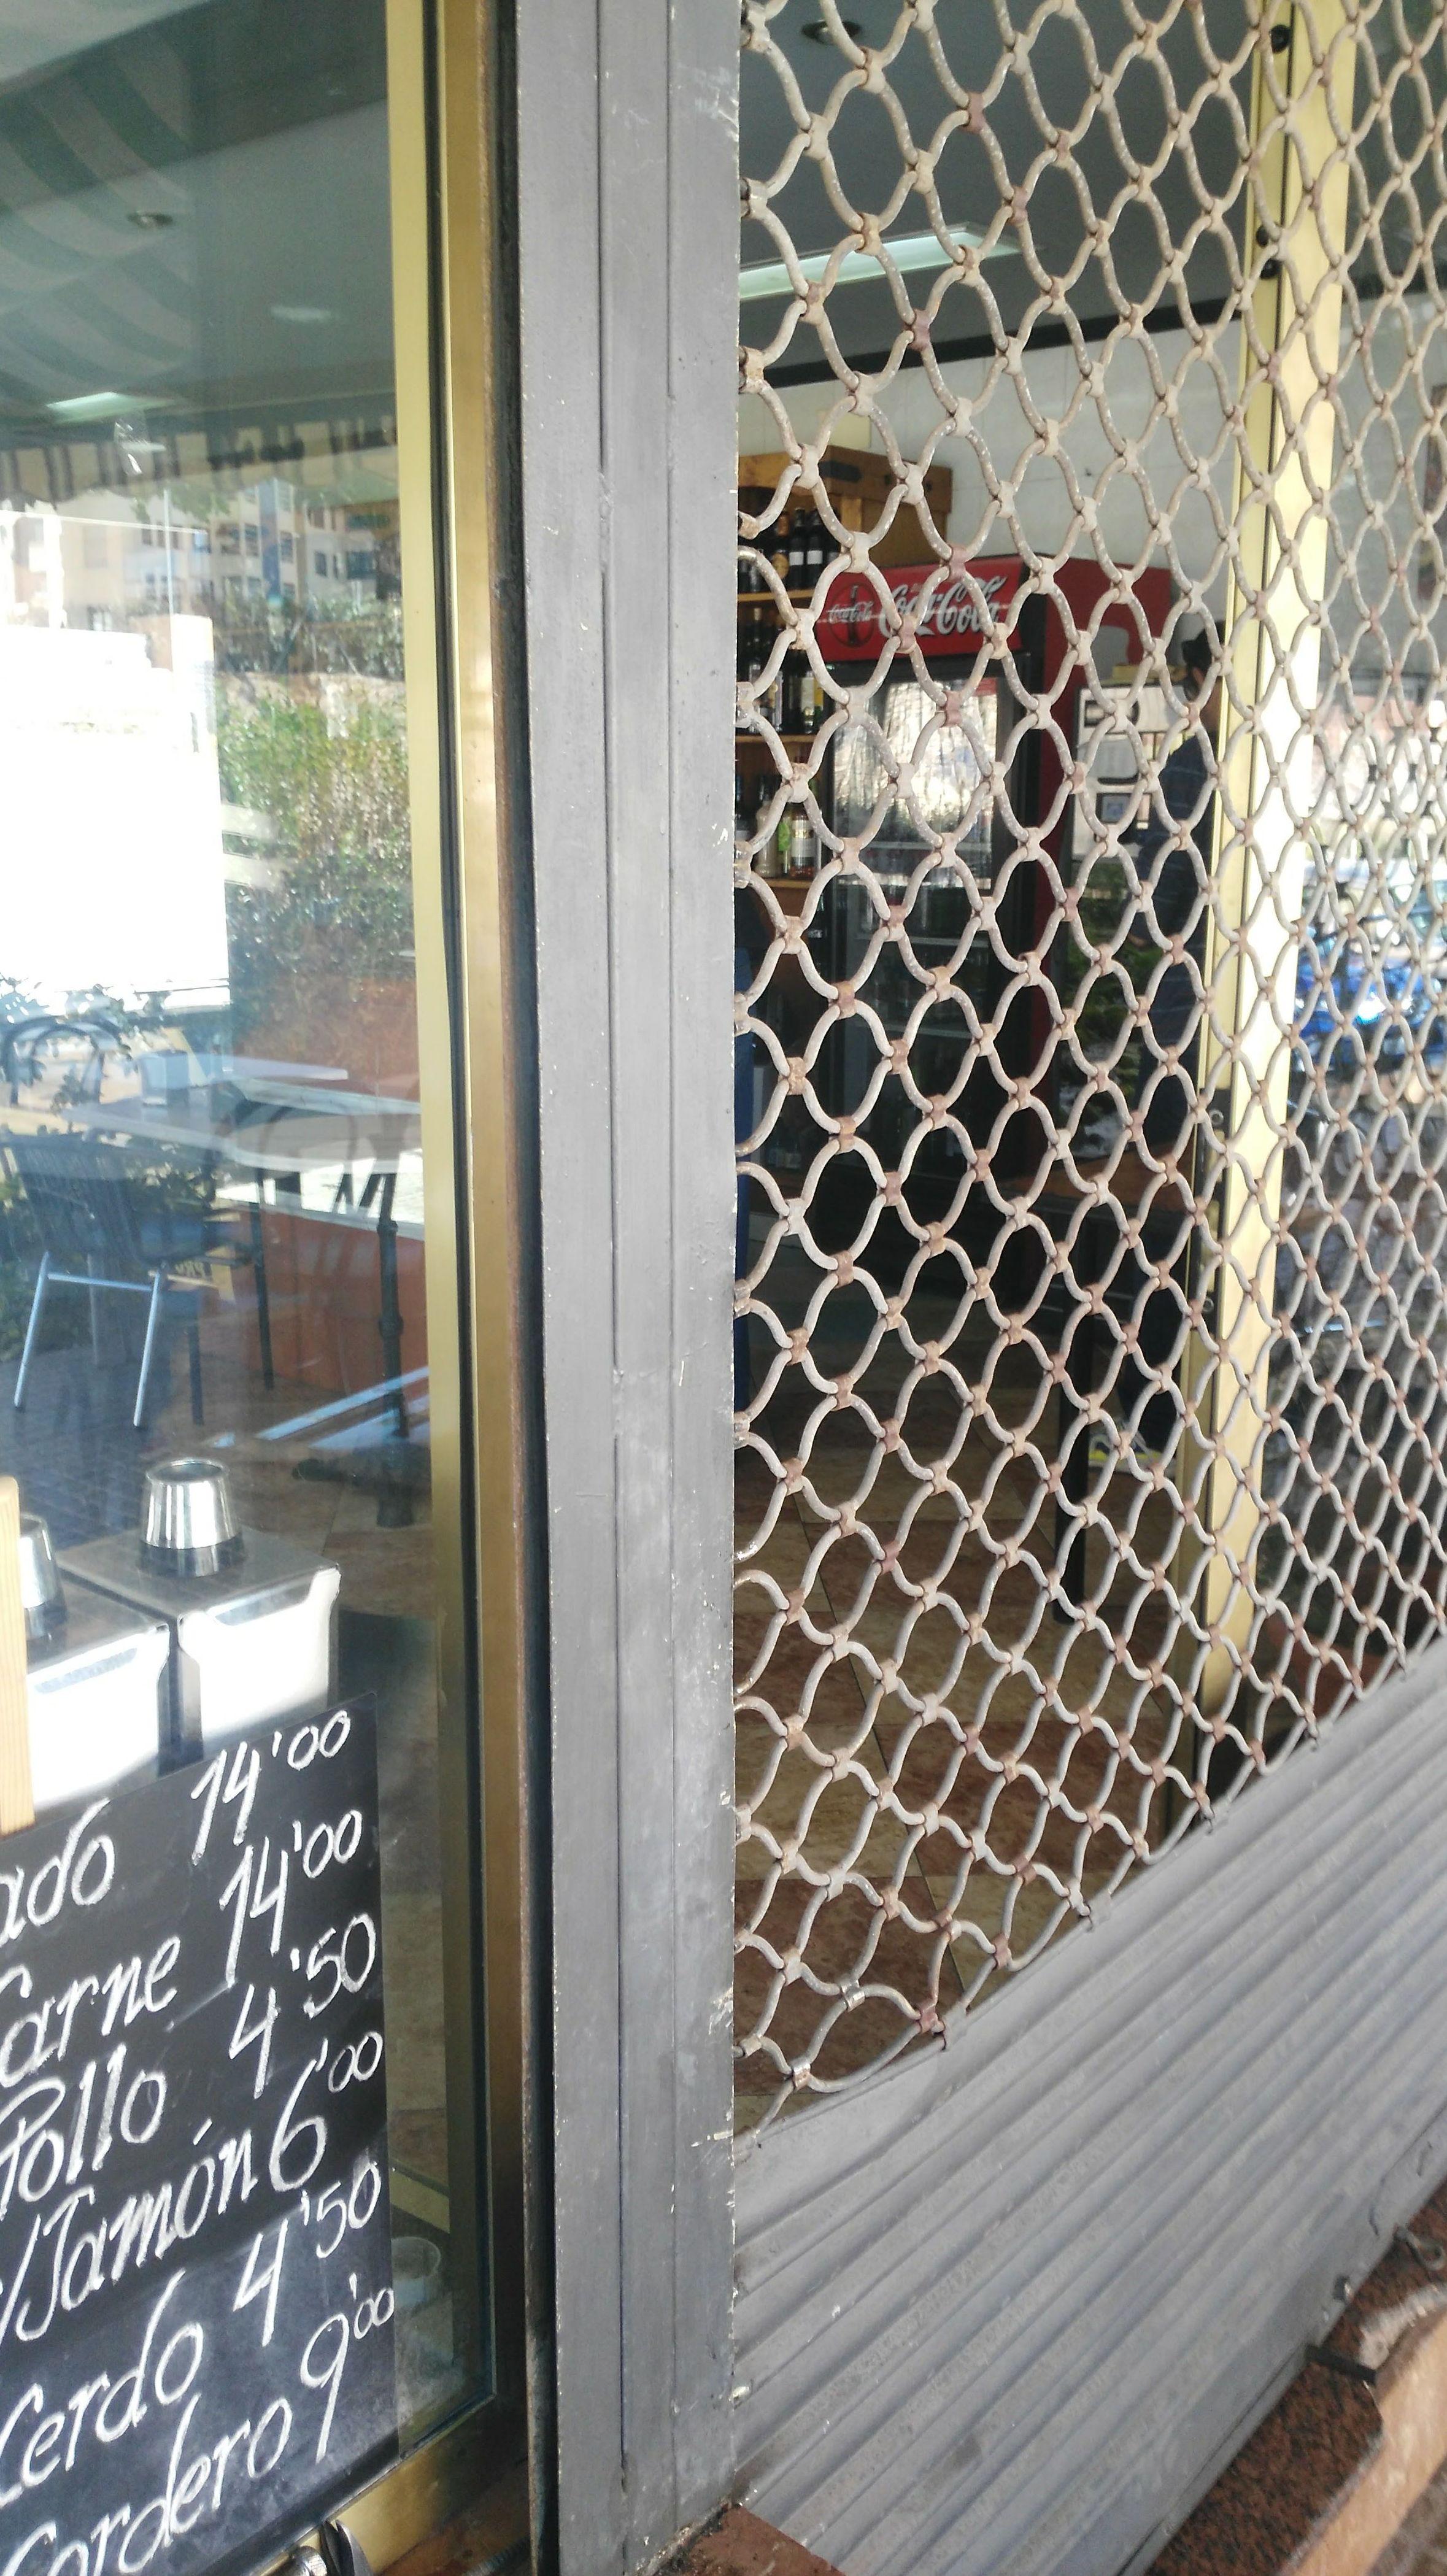 Reparación de persianas metálicas (comercios) : Nuestros servicios de  Cerrajeros económicos en toda la provincia de Alicante